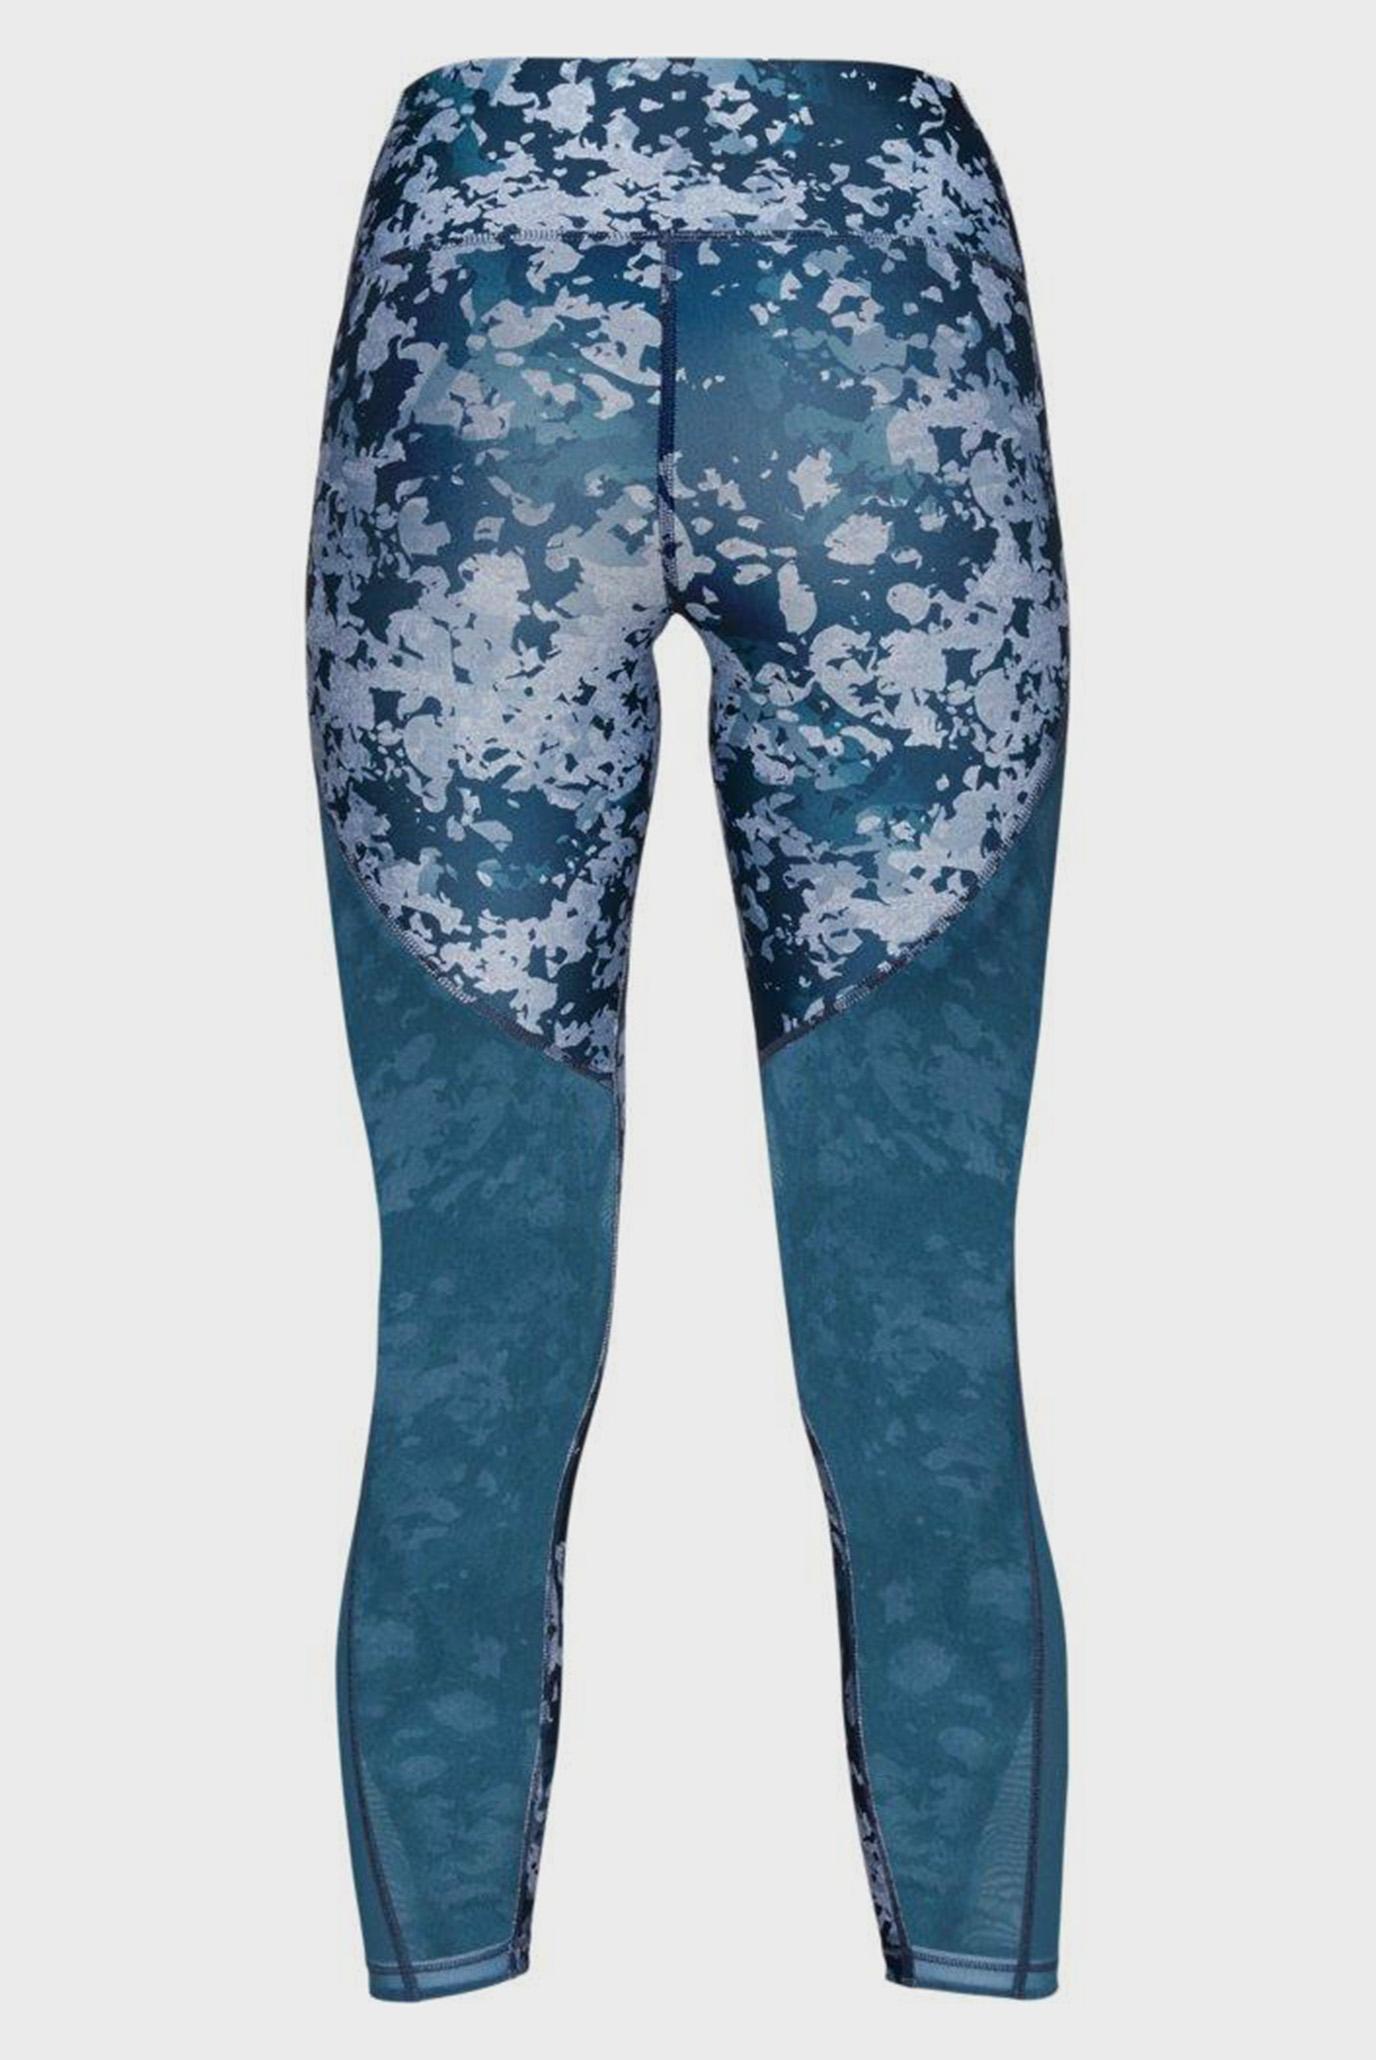 Купить Женские синие легинсы UA HG Ankle Crop Dbl Nov Pnt Under Armour Under Armour 1329492-414 – Киев, Украина. Цены в интернет магазине MD Fashion